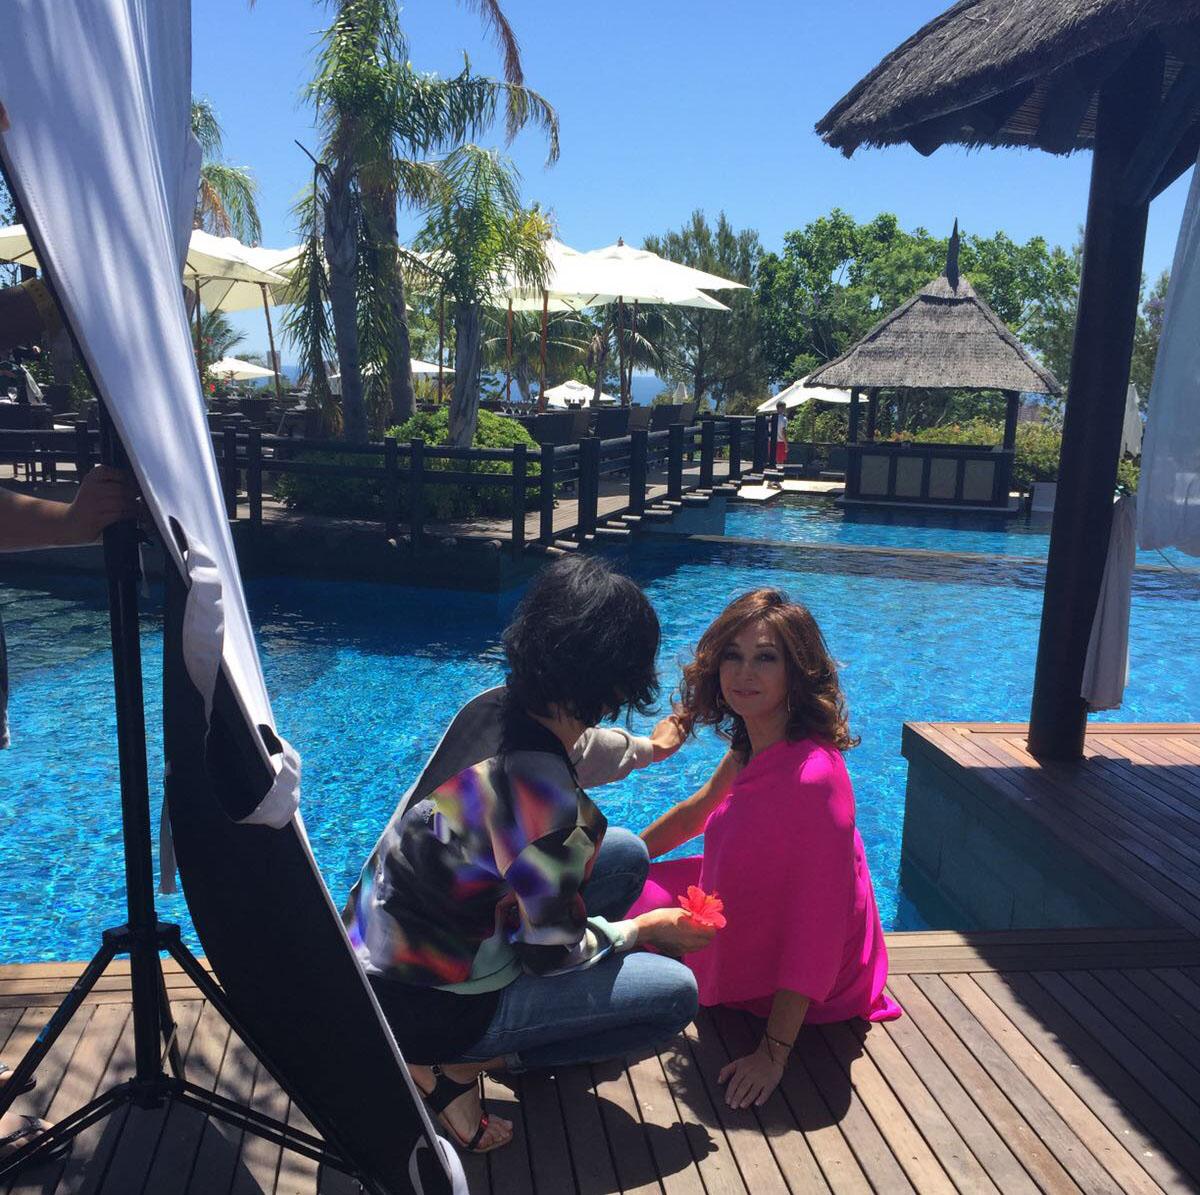 Ana Rosa Quintana con el hotel 'Asia Gardens' de Benidorm. Foto cedida por Revista AR